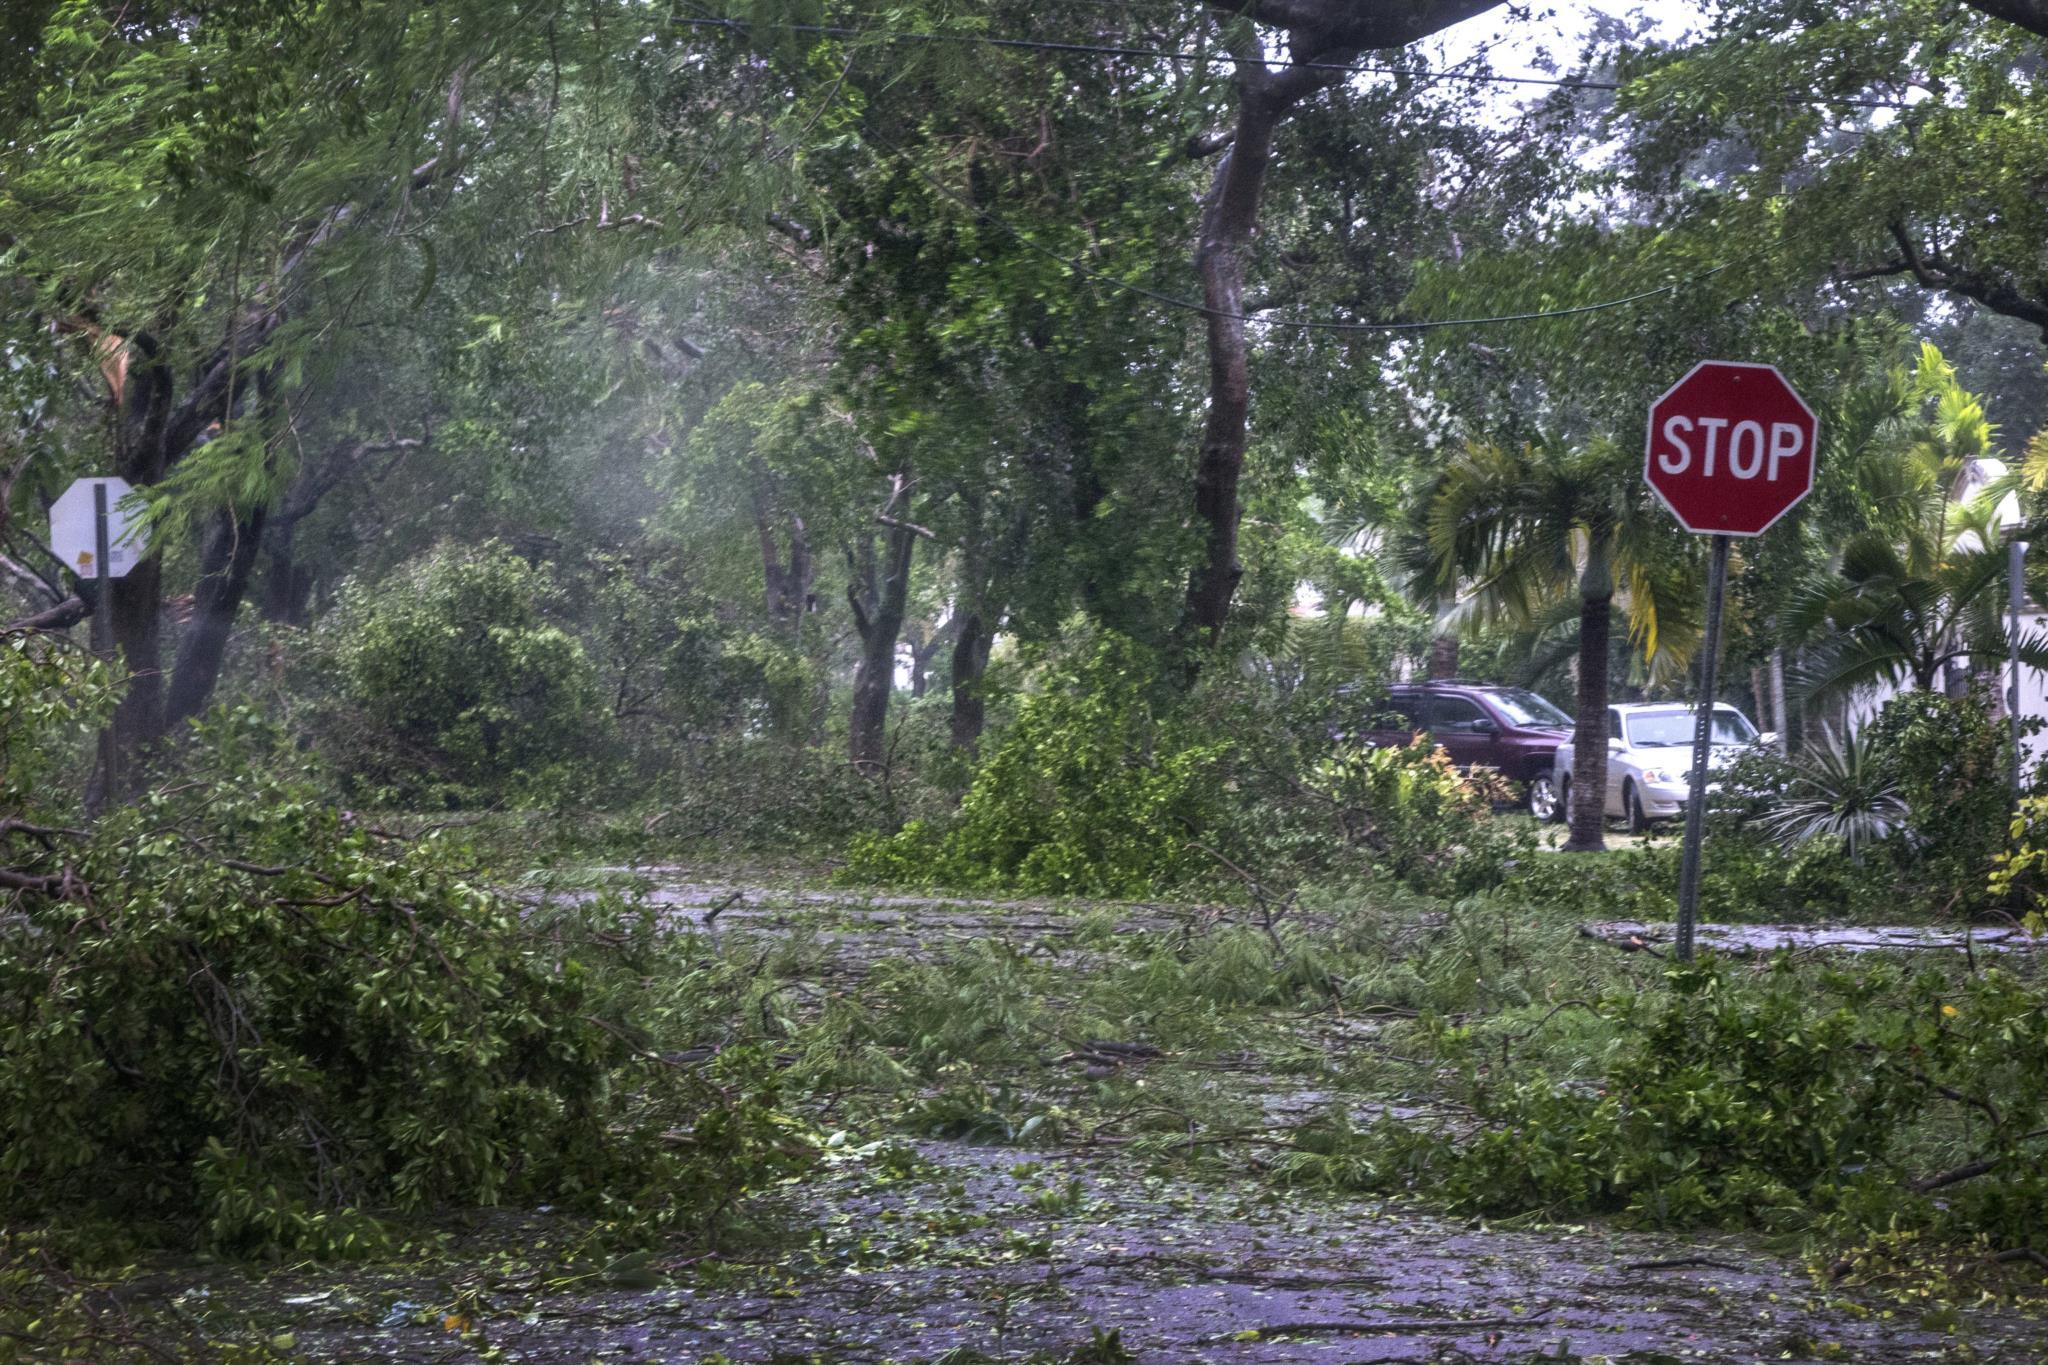 O furacão <i>Irma</i> deixou a sua marca em Miami, no estado norte-americano da Florida